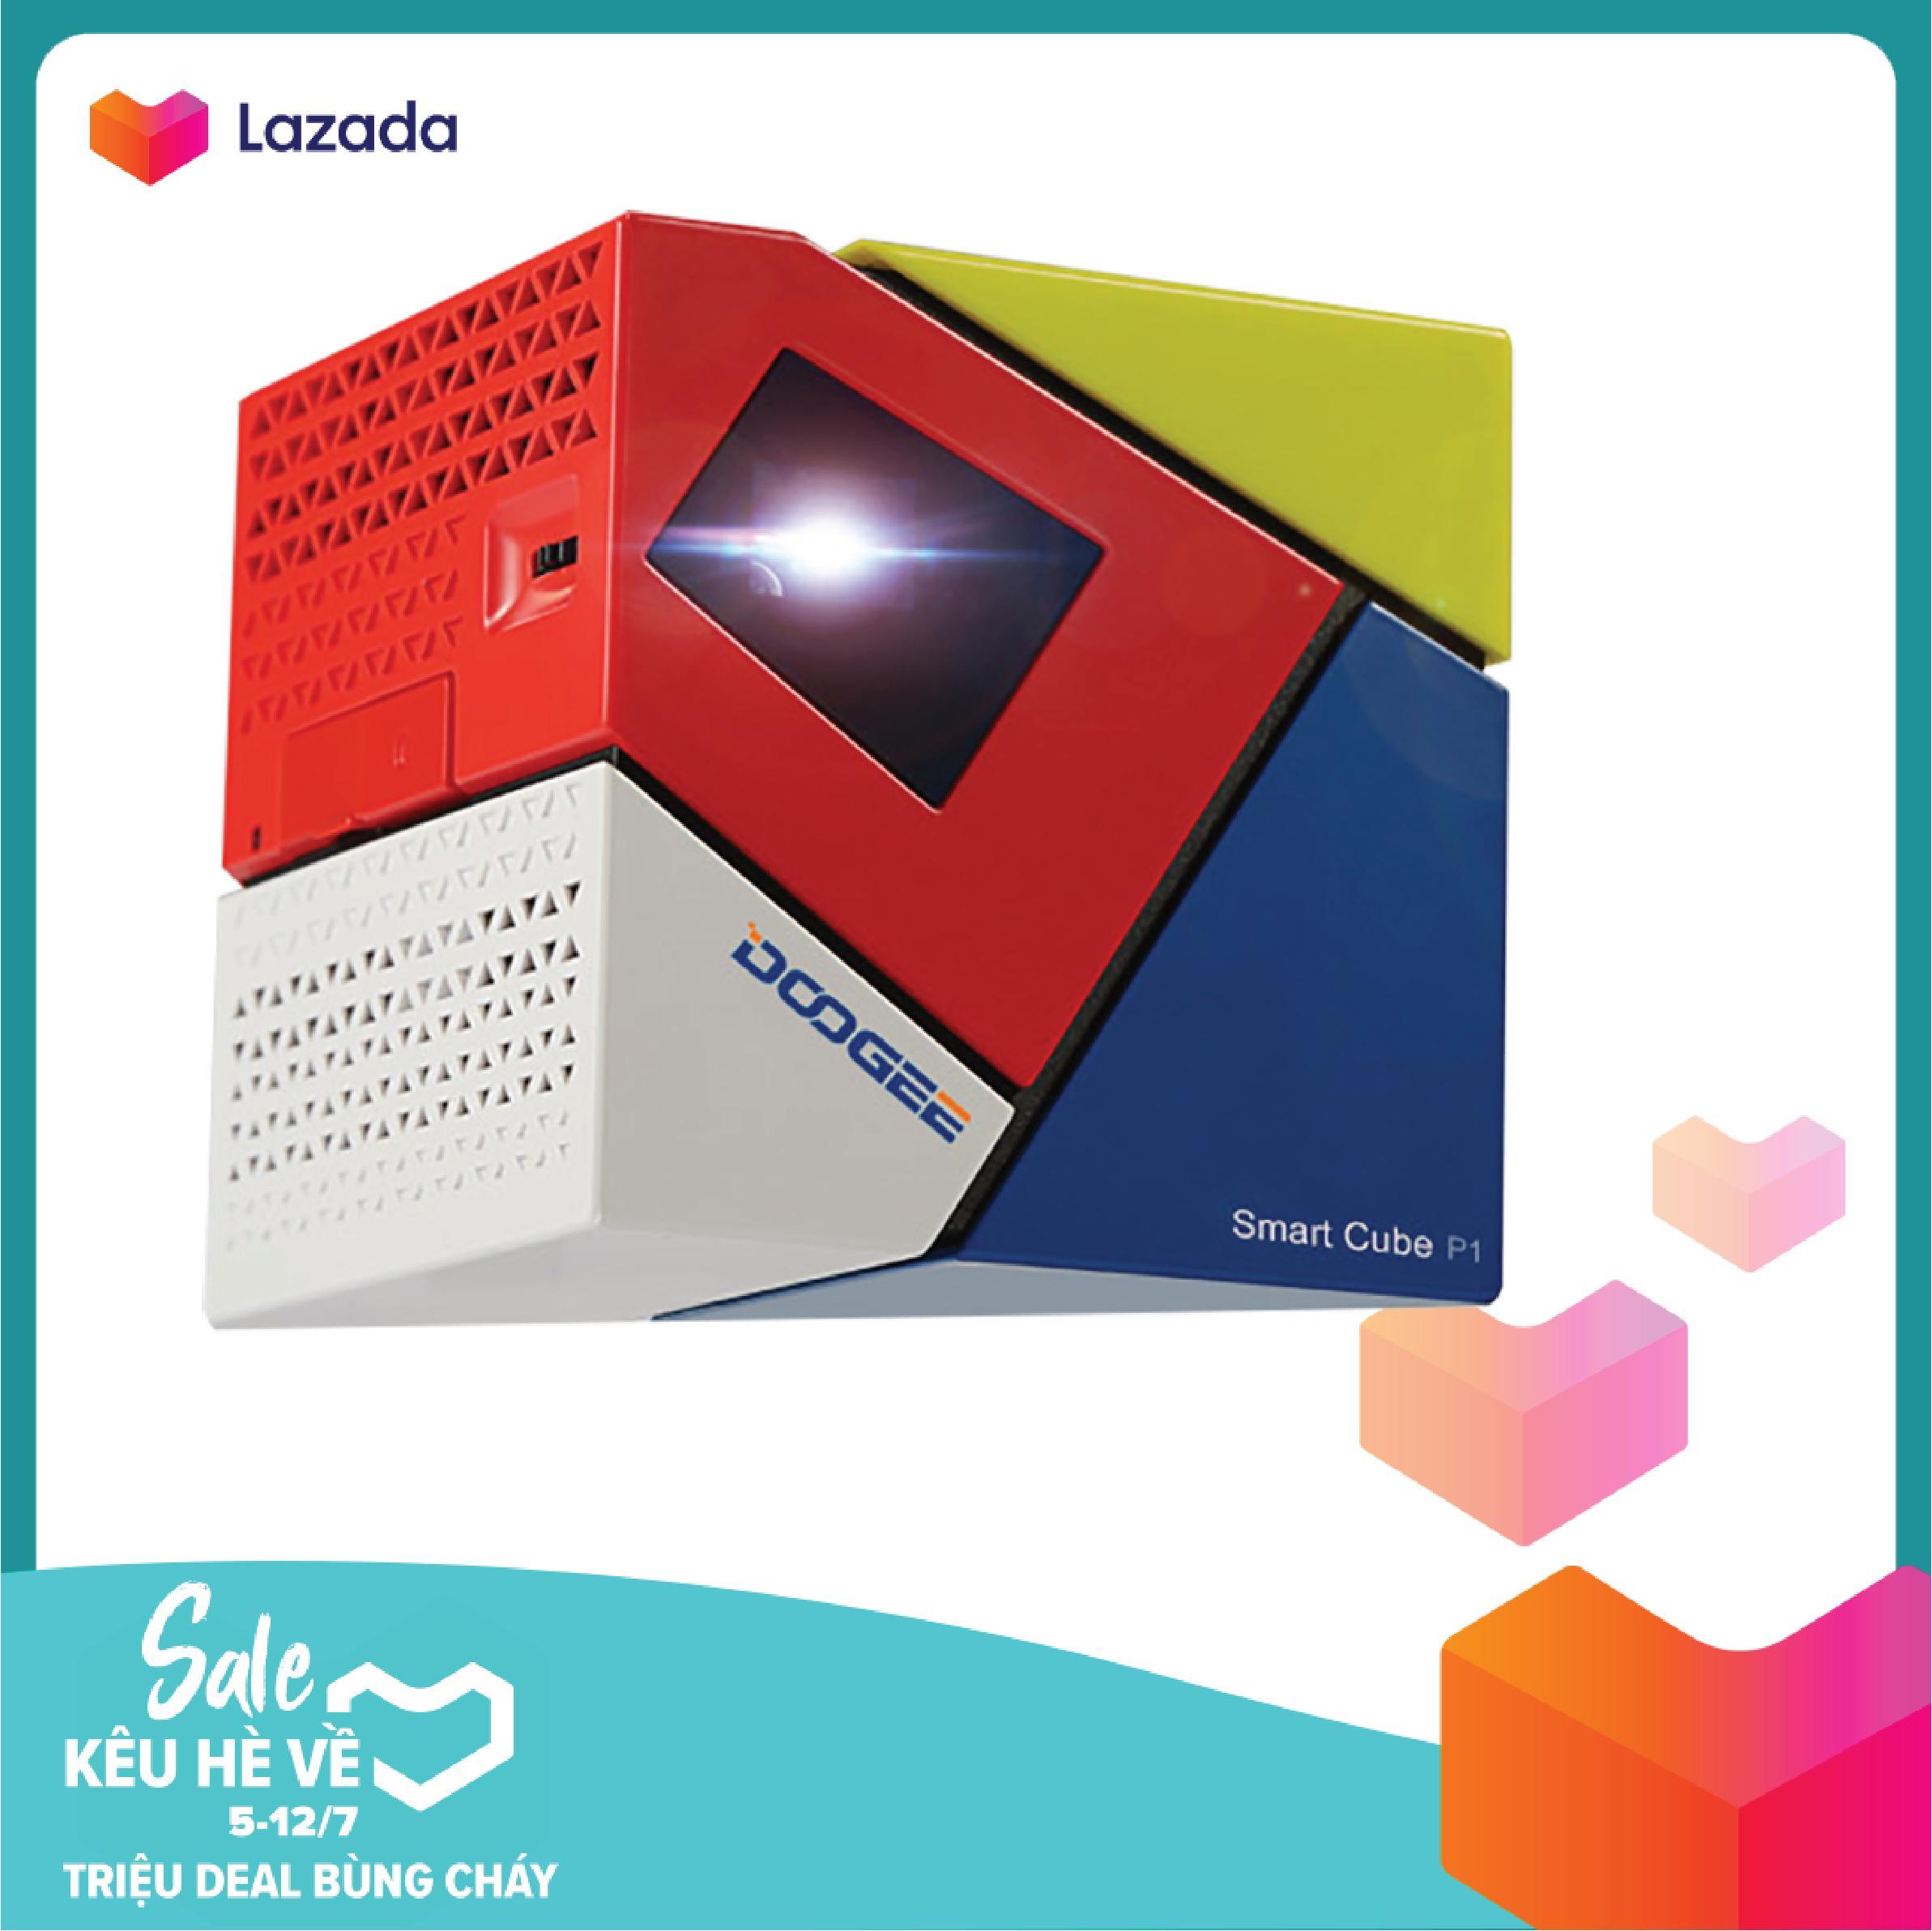 Máy Chiếu Mini Projector Android TV Smart Box Smart Cube P1 Quad Core 4 Nhân Bluetooth (Xanh đỏ Trắng) Ưu Đãi Bất Ngờ